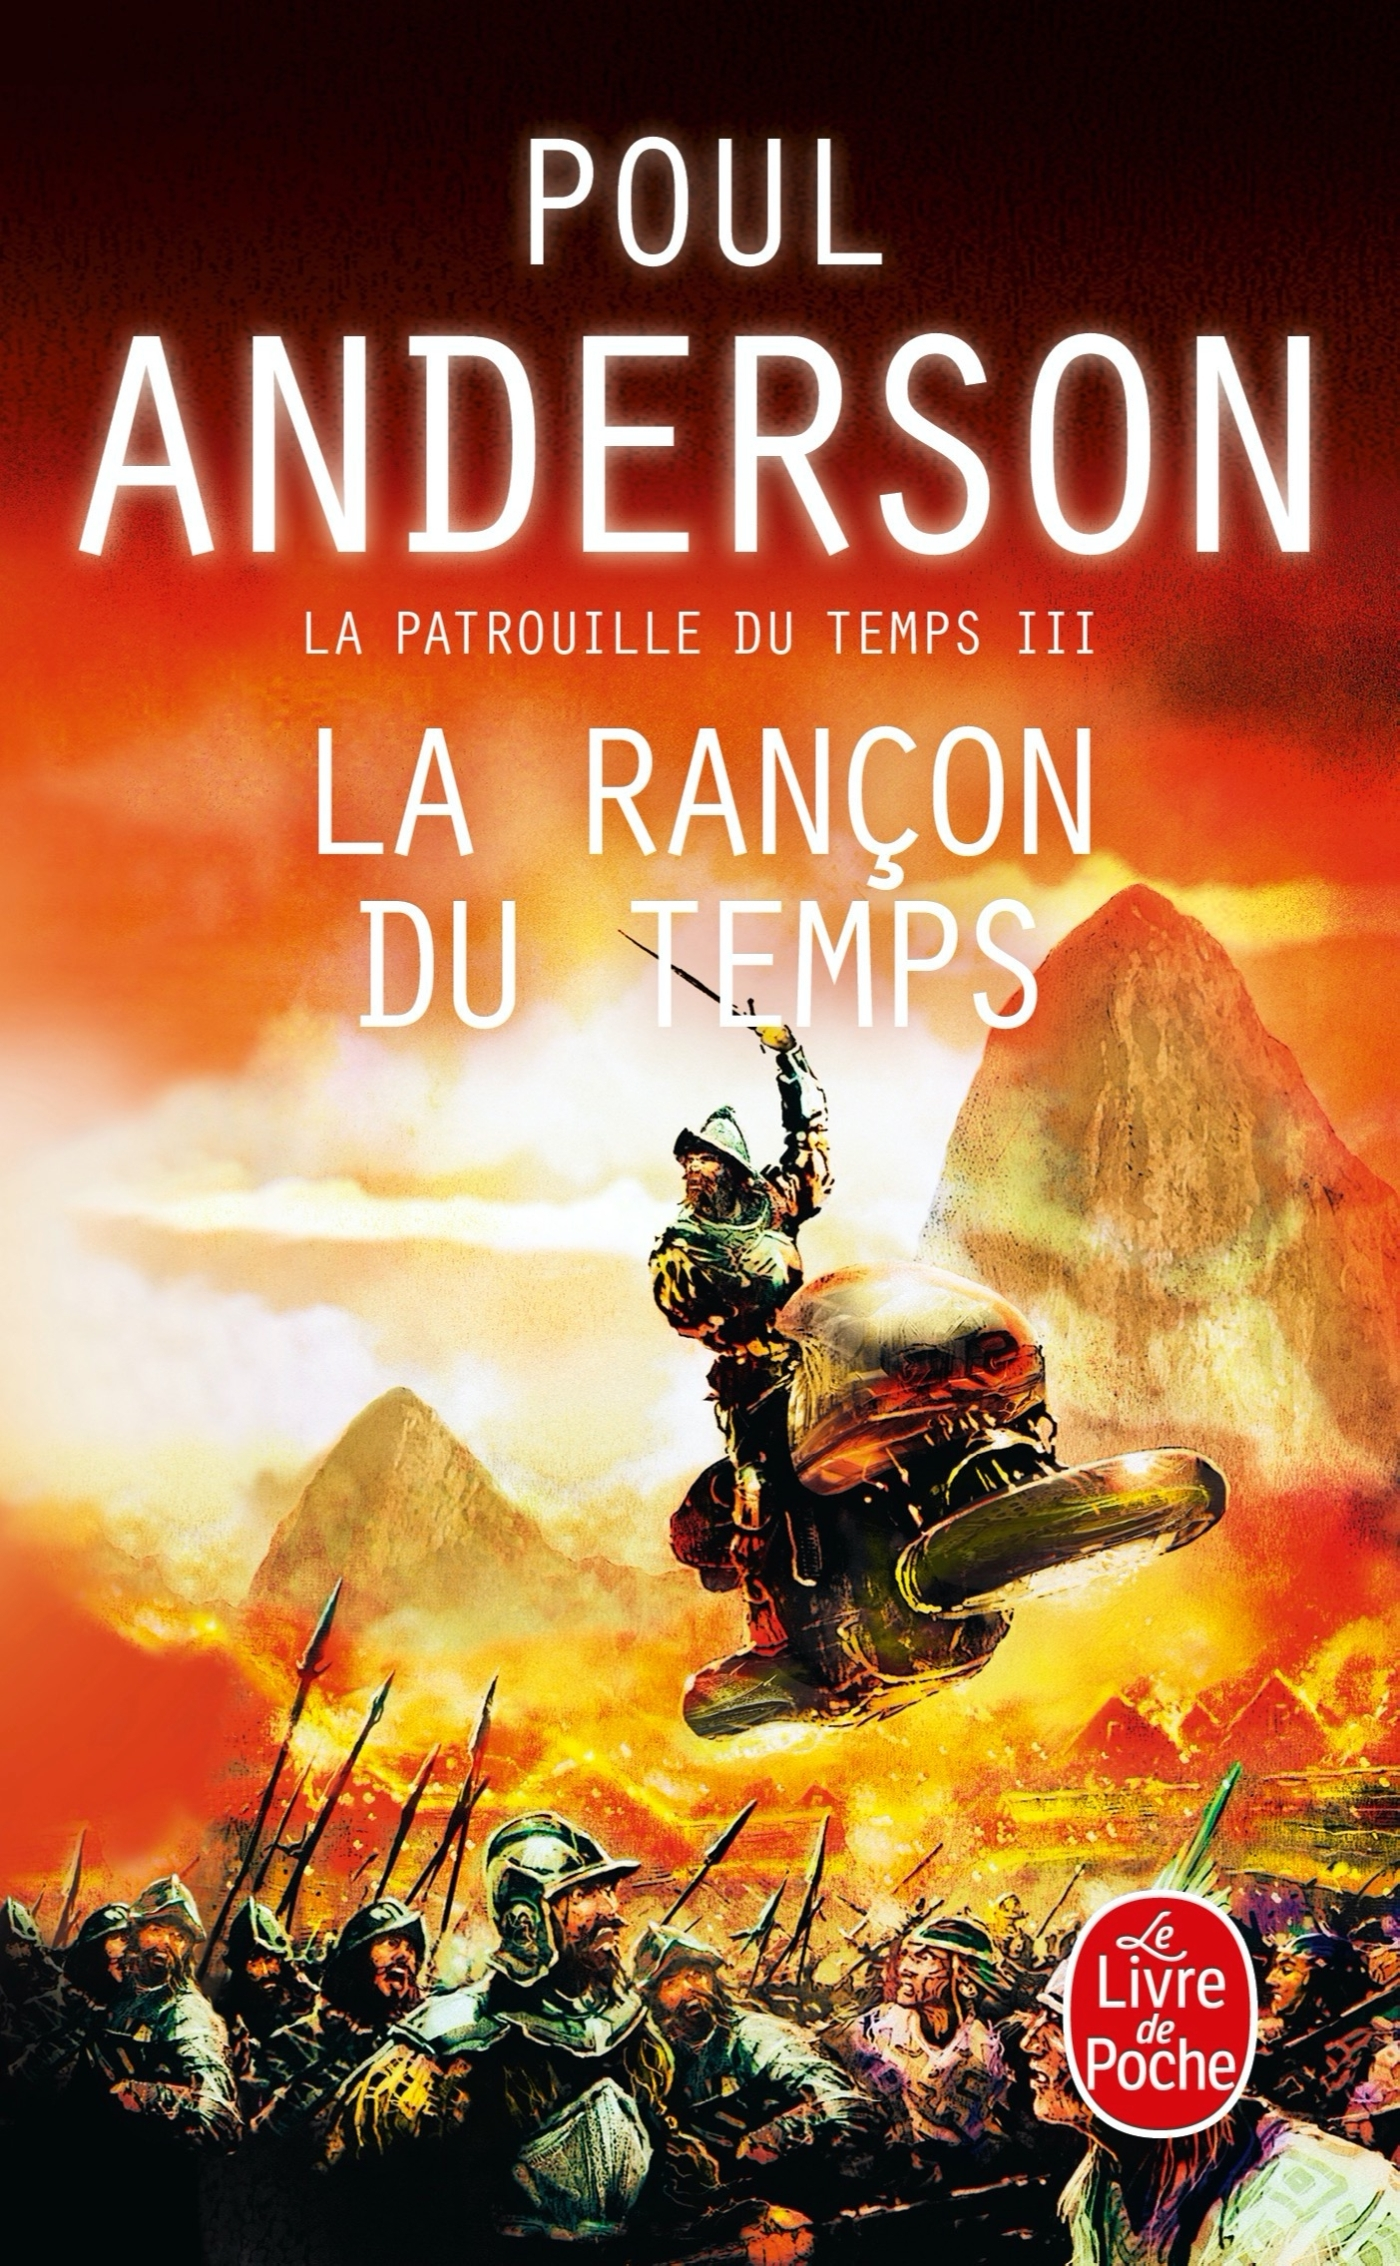 LA RANCON DU TEMPS (LA PATROUILLE DU TEMPS, TOME 3)